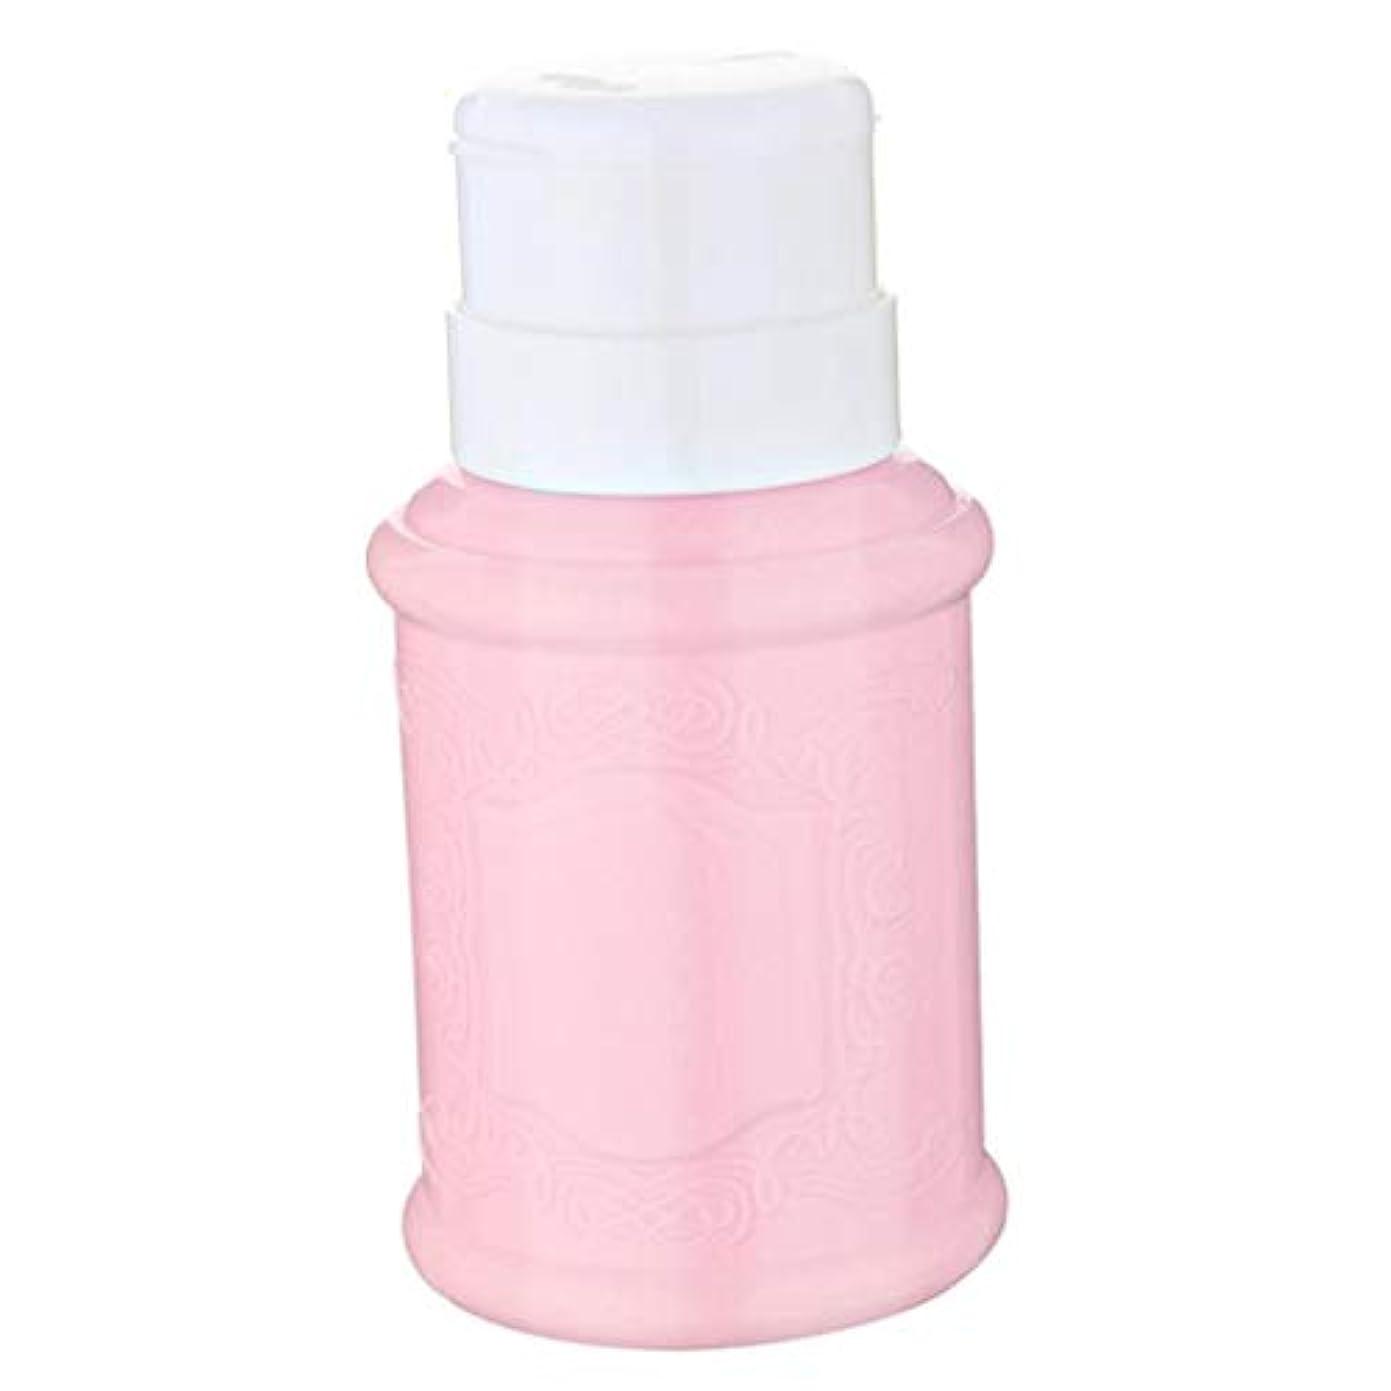 暴徒キャップアルコールCUTICATE 全3色 空ポンプ ボトル ネイルクリーナーボトル ポンプディスペンサー ジェルクリーナ - ピンク